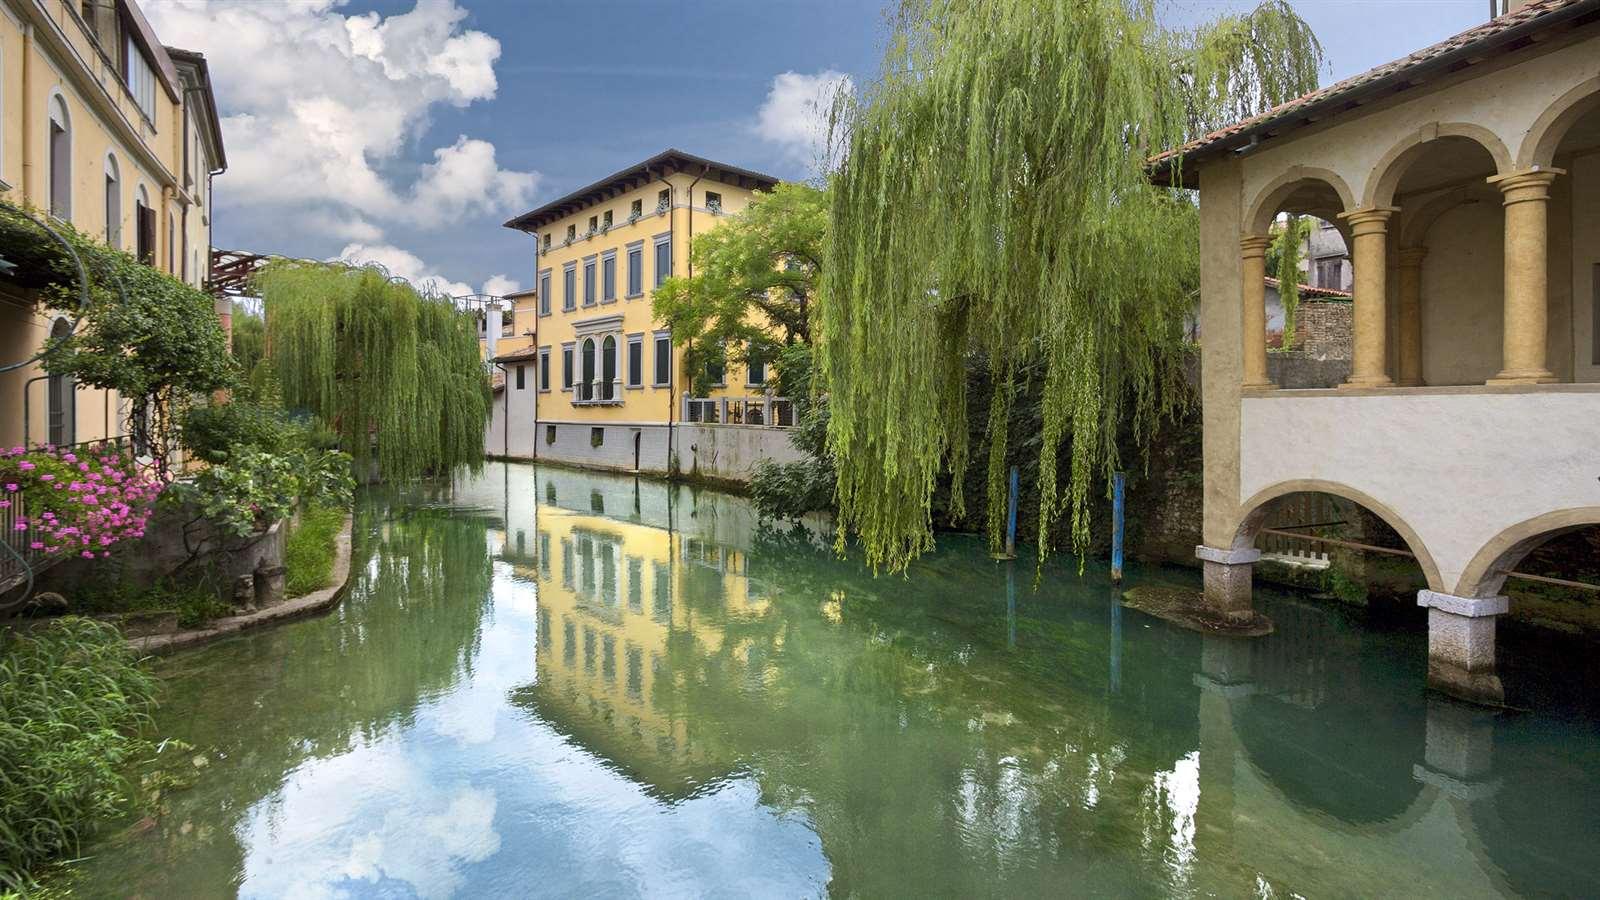 sacile-il-giardino-della-serenissima-secret-world